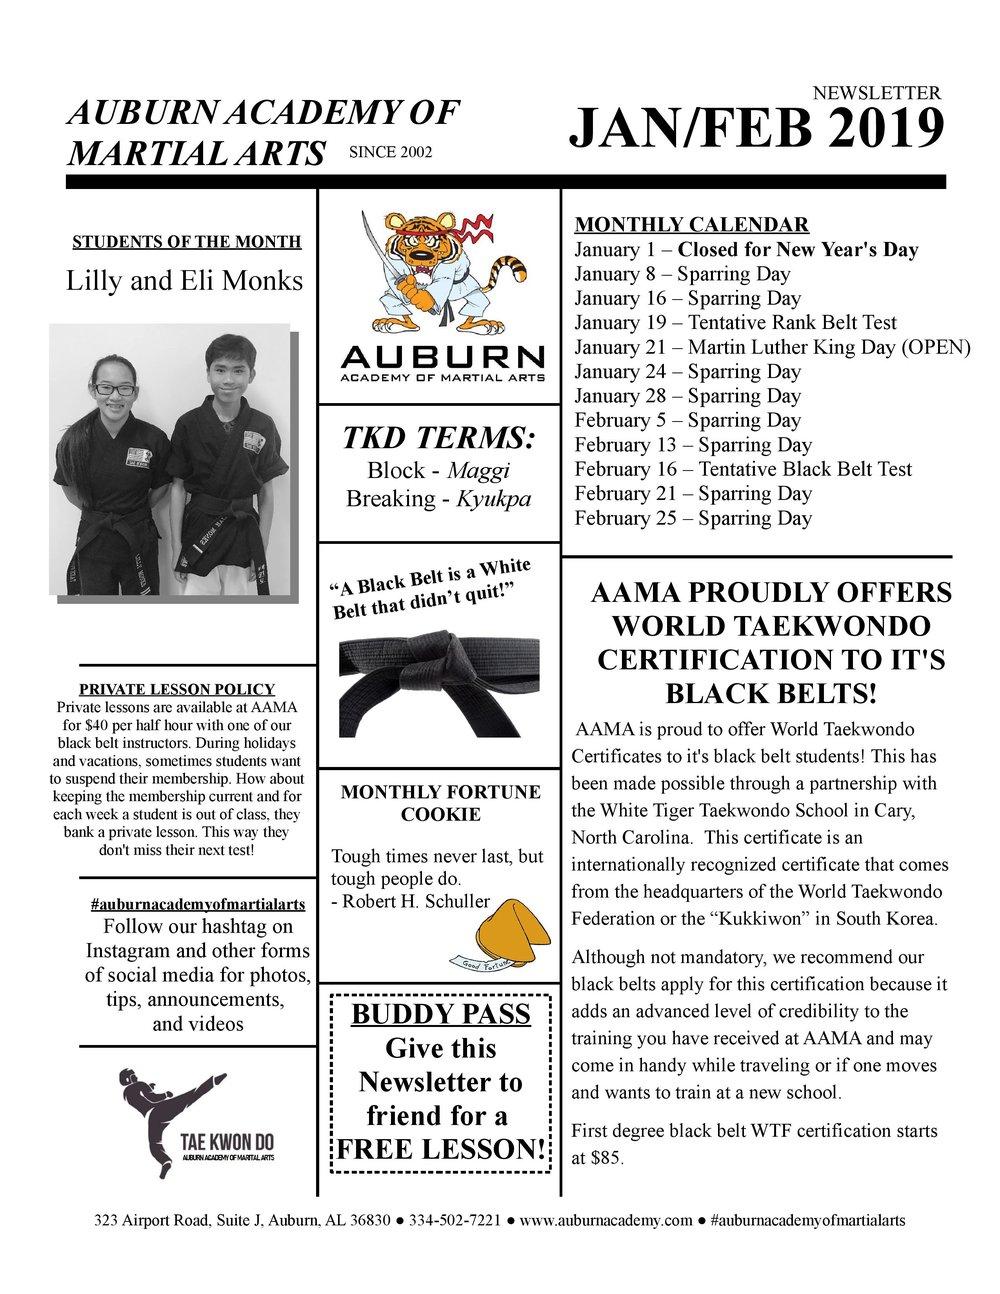 aama news 1-19-page-001.jpg